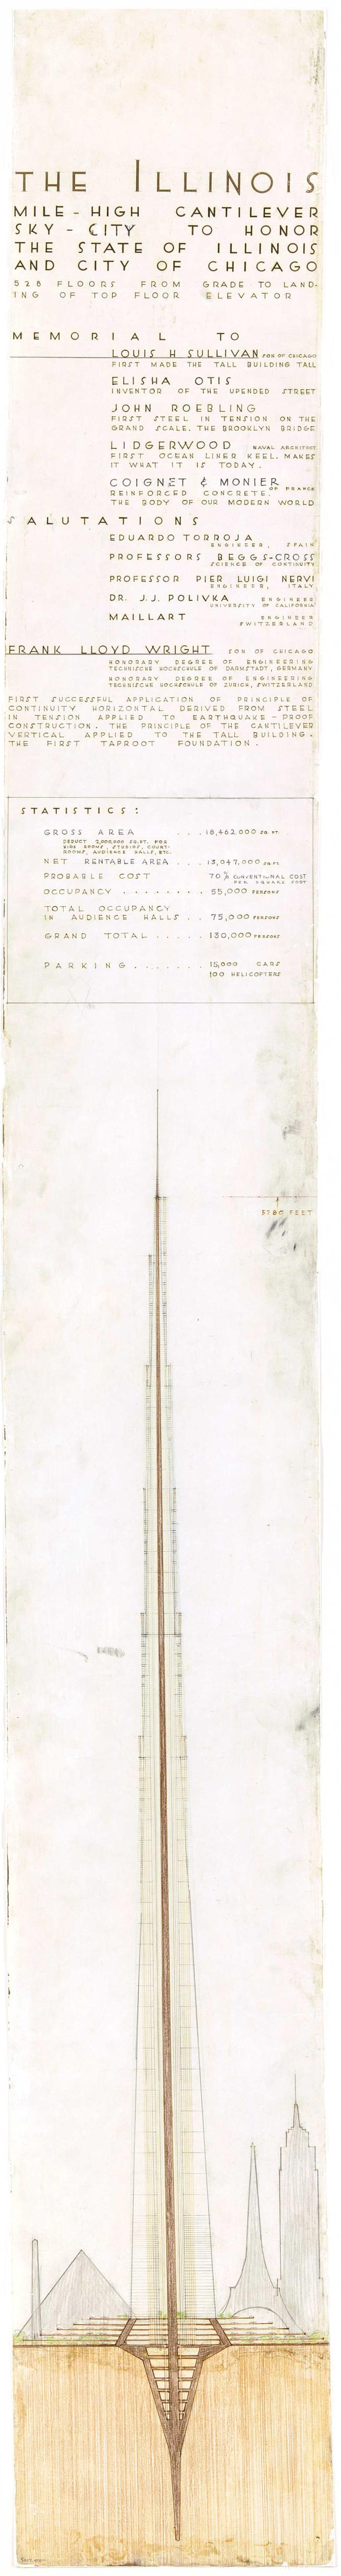 「一哩之高」(伊利諾大廈)的建築草圖。策展人伯格杜爾認為,這是萊特一生的自傳。(MoMA提供)